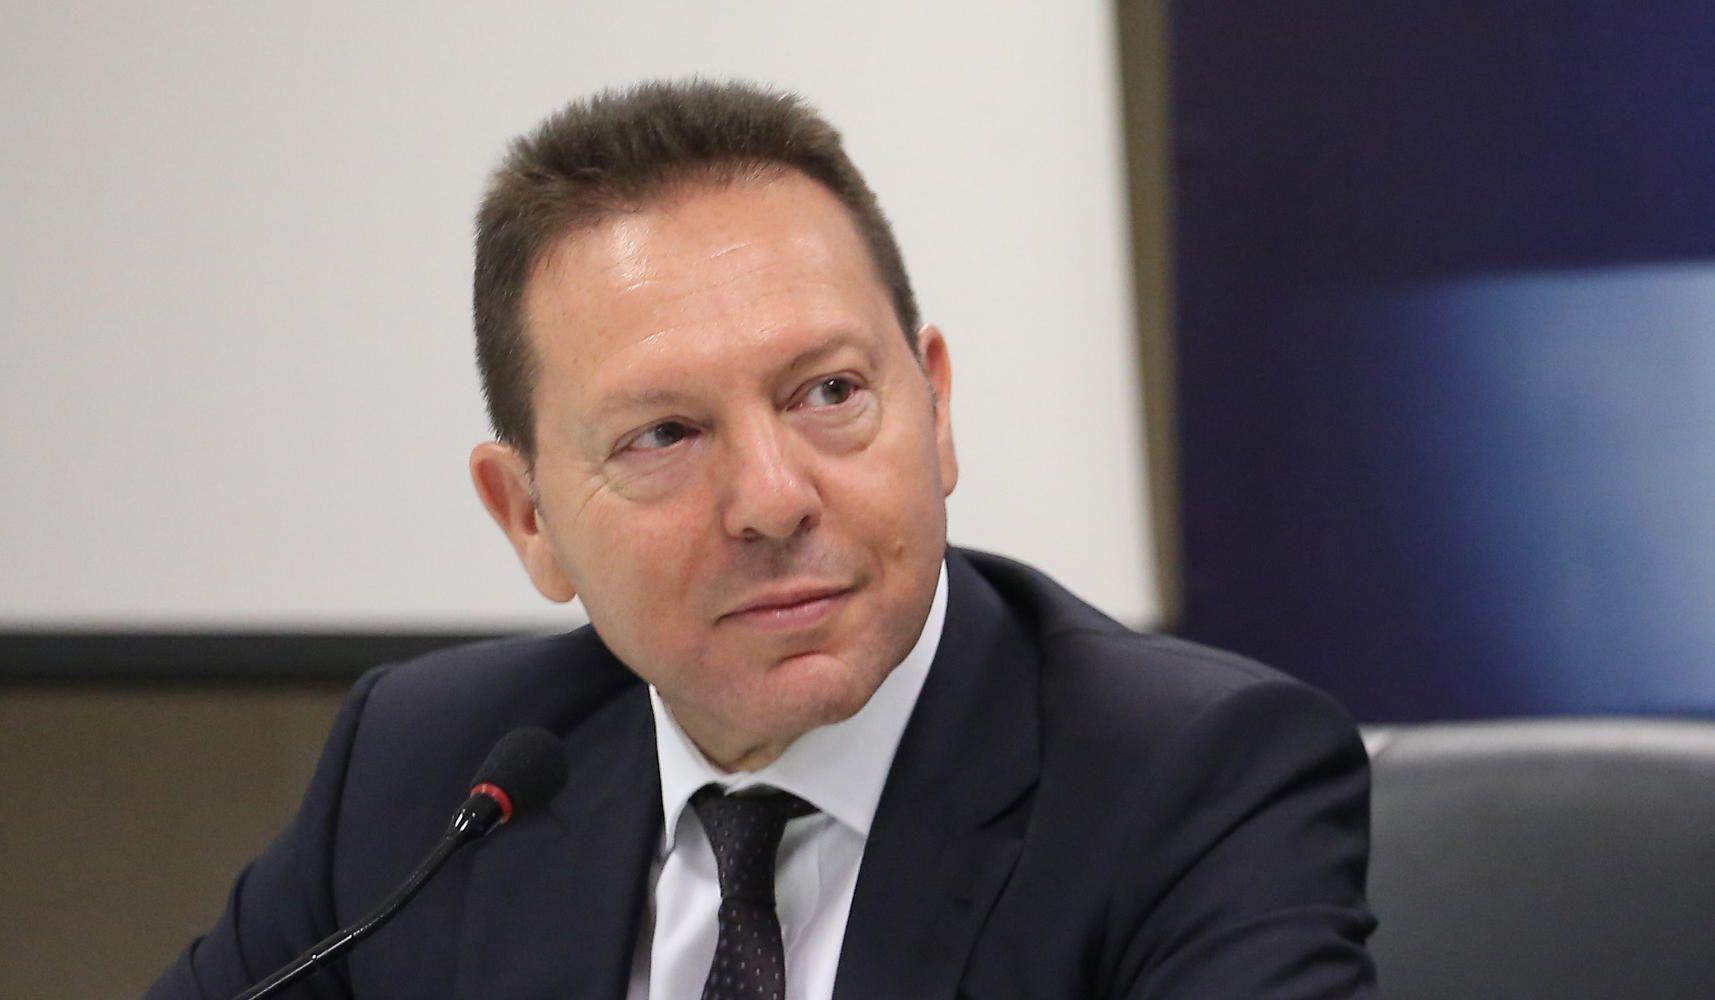 Στουρνάρας τράπεζα της Ελλάδος